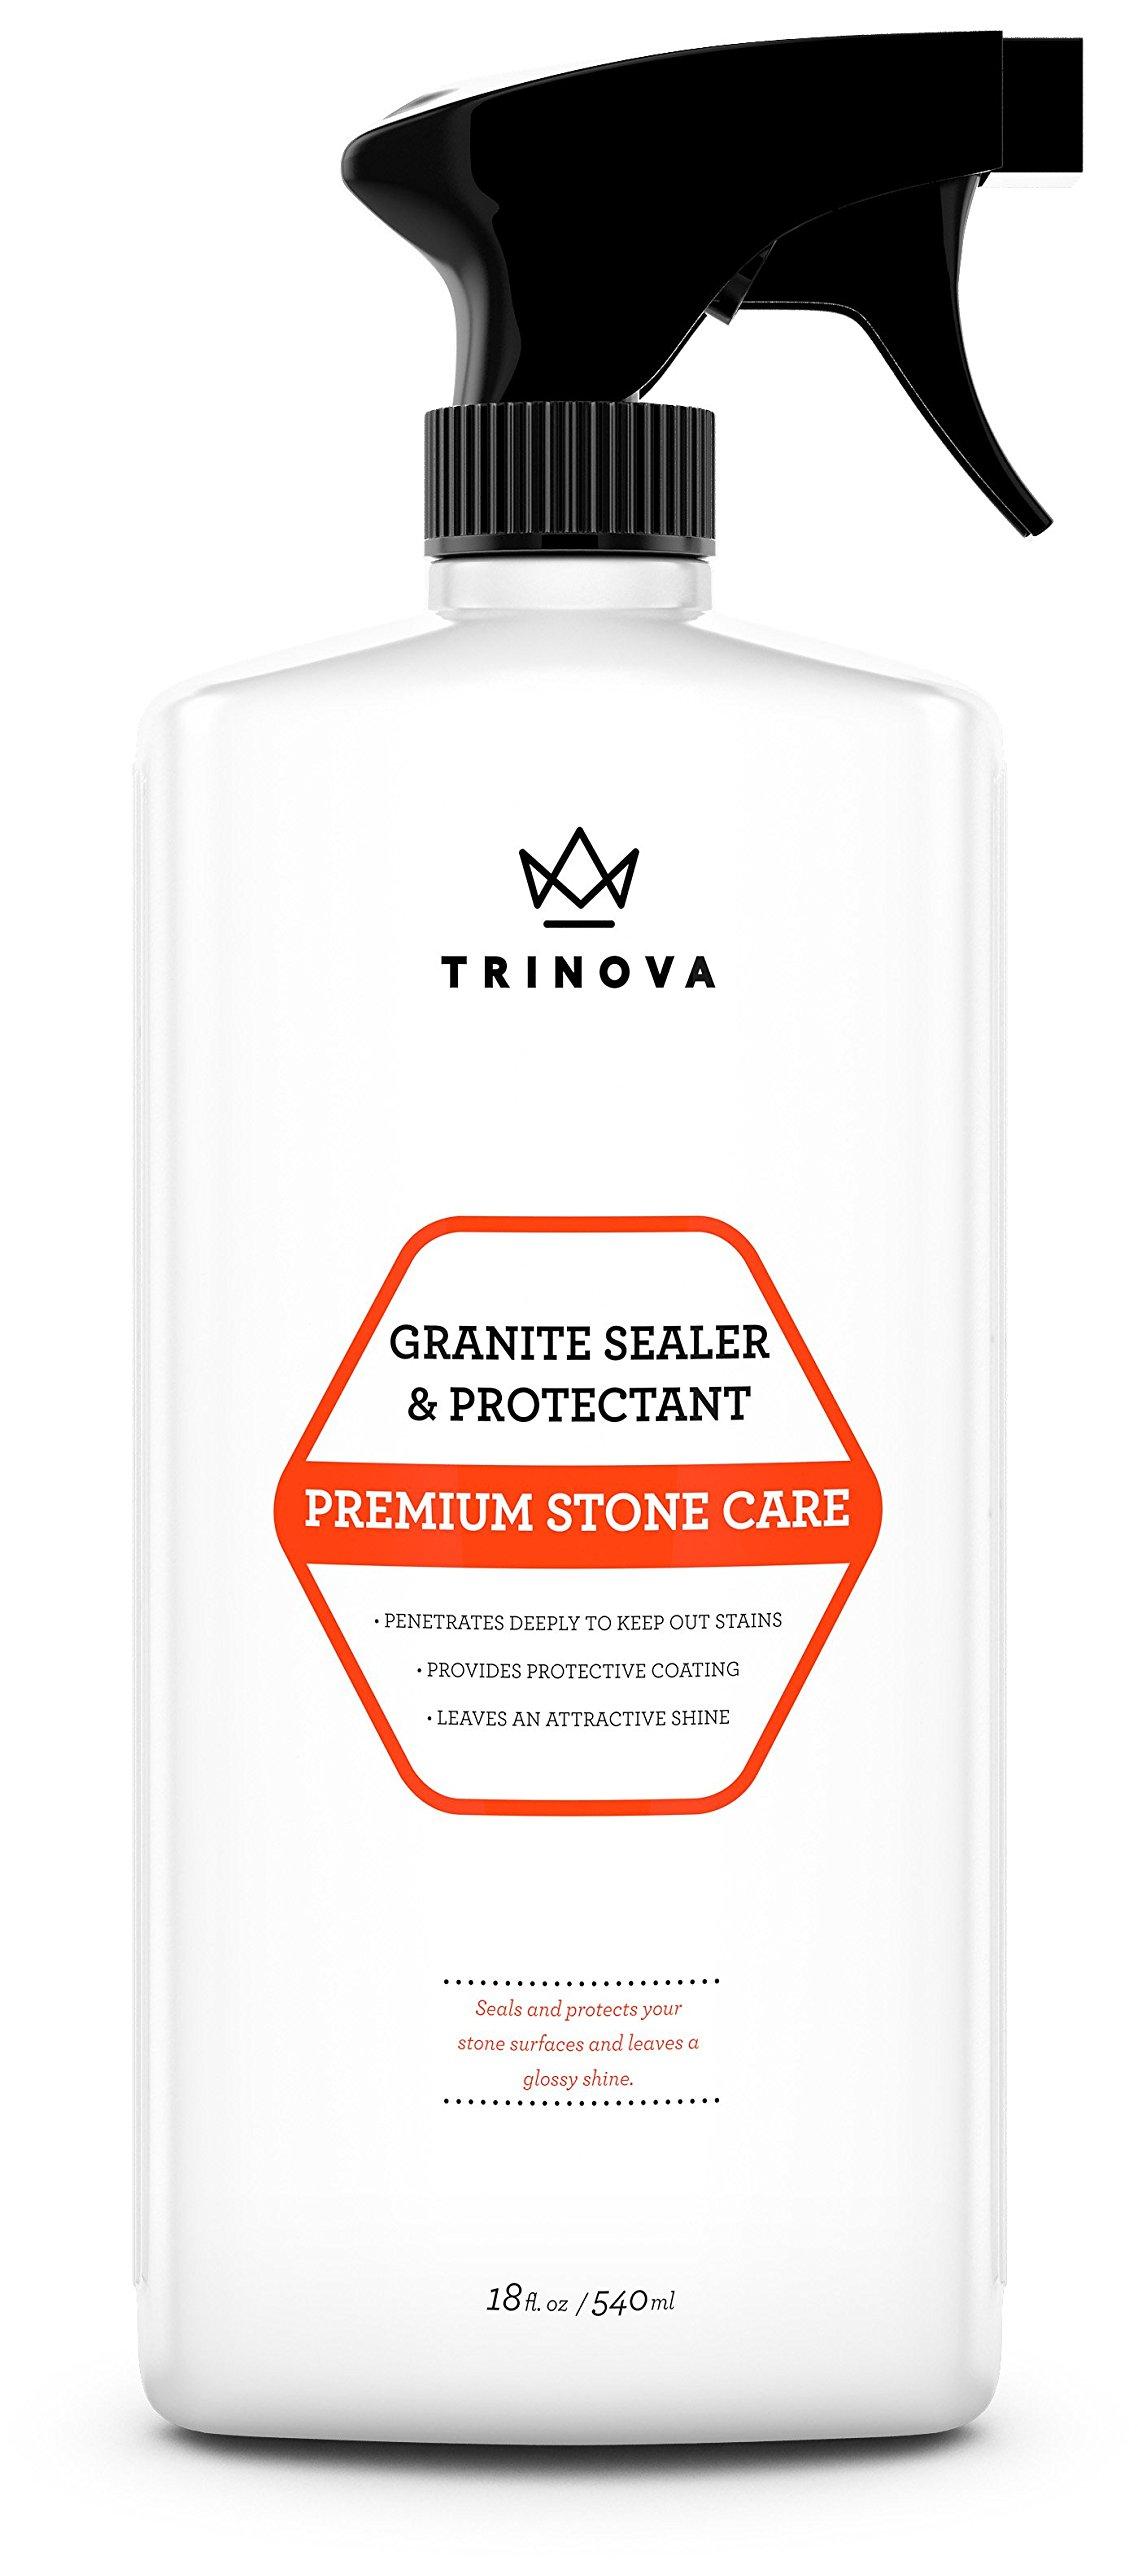 Cheap Granite Sealer Lowes, find Granite Sealer Lowes deals